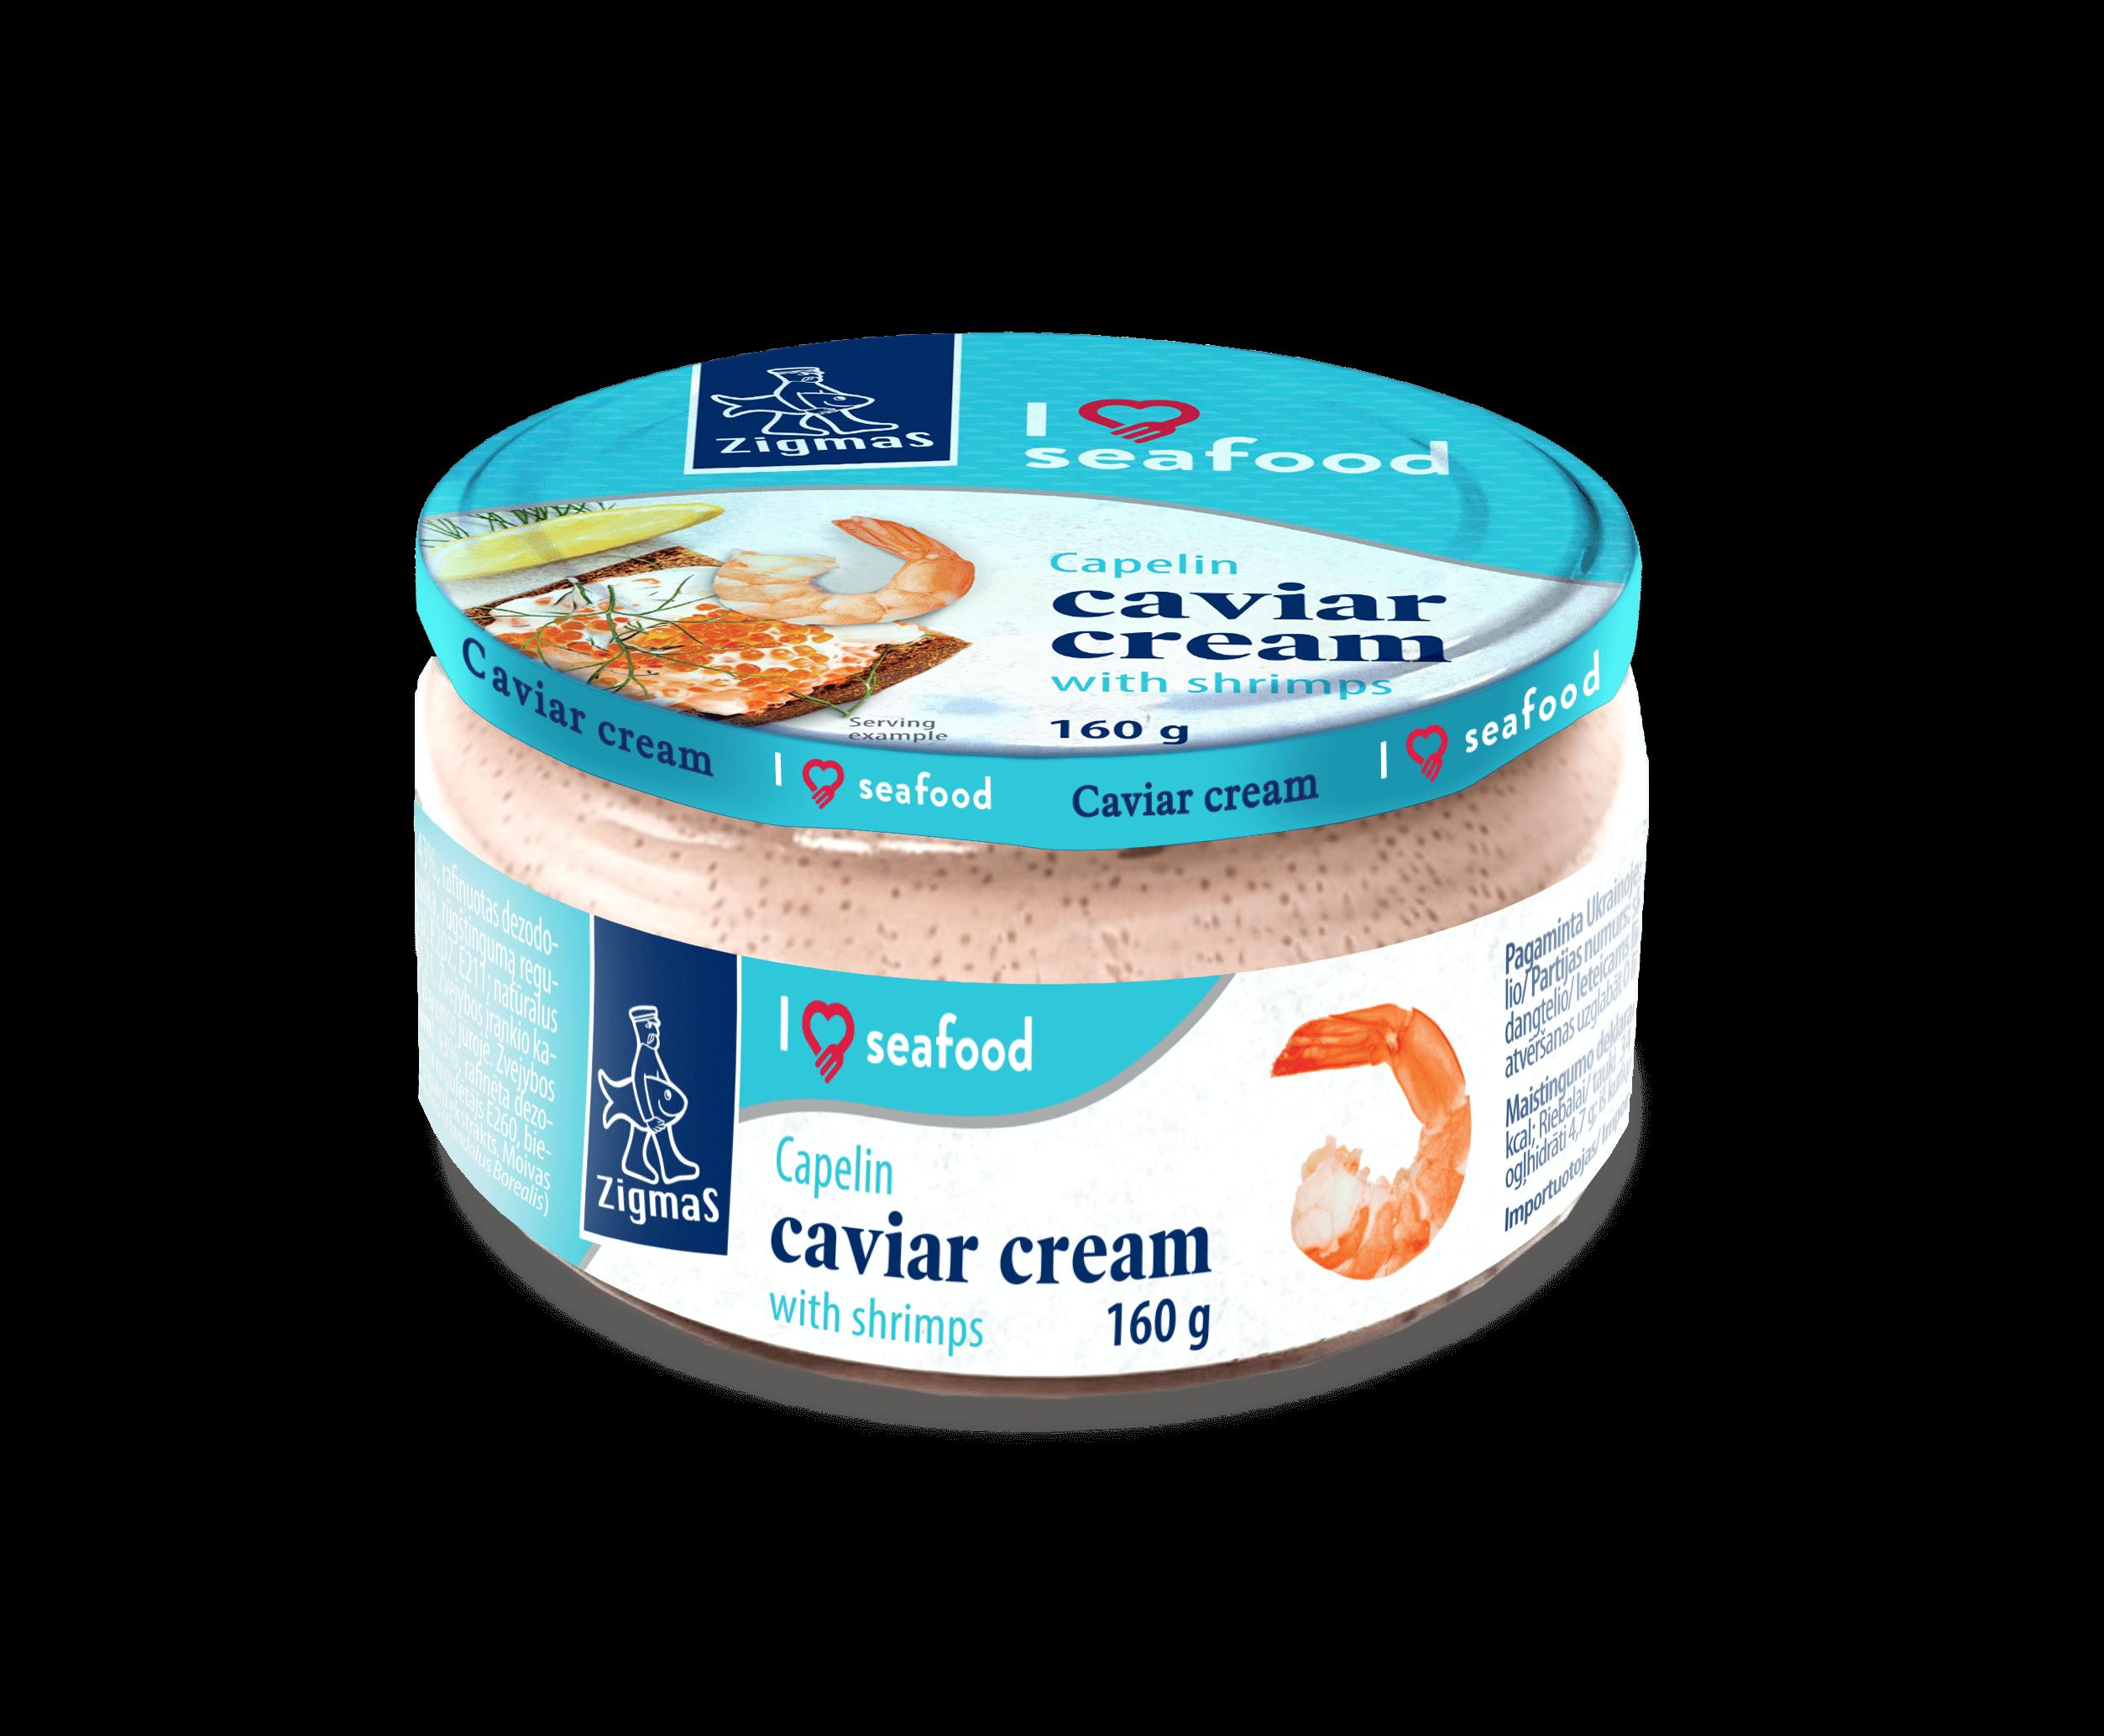 Capelin caviar cream with shrimps